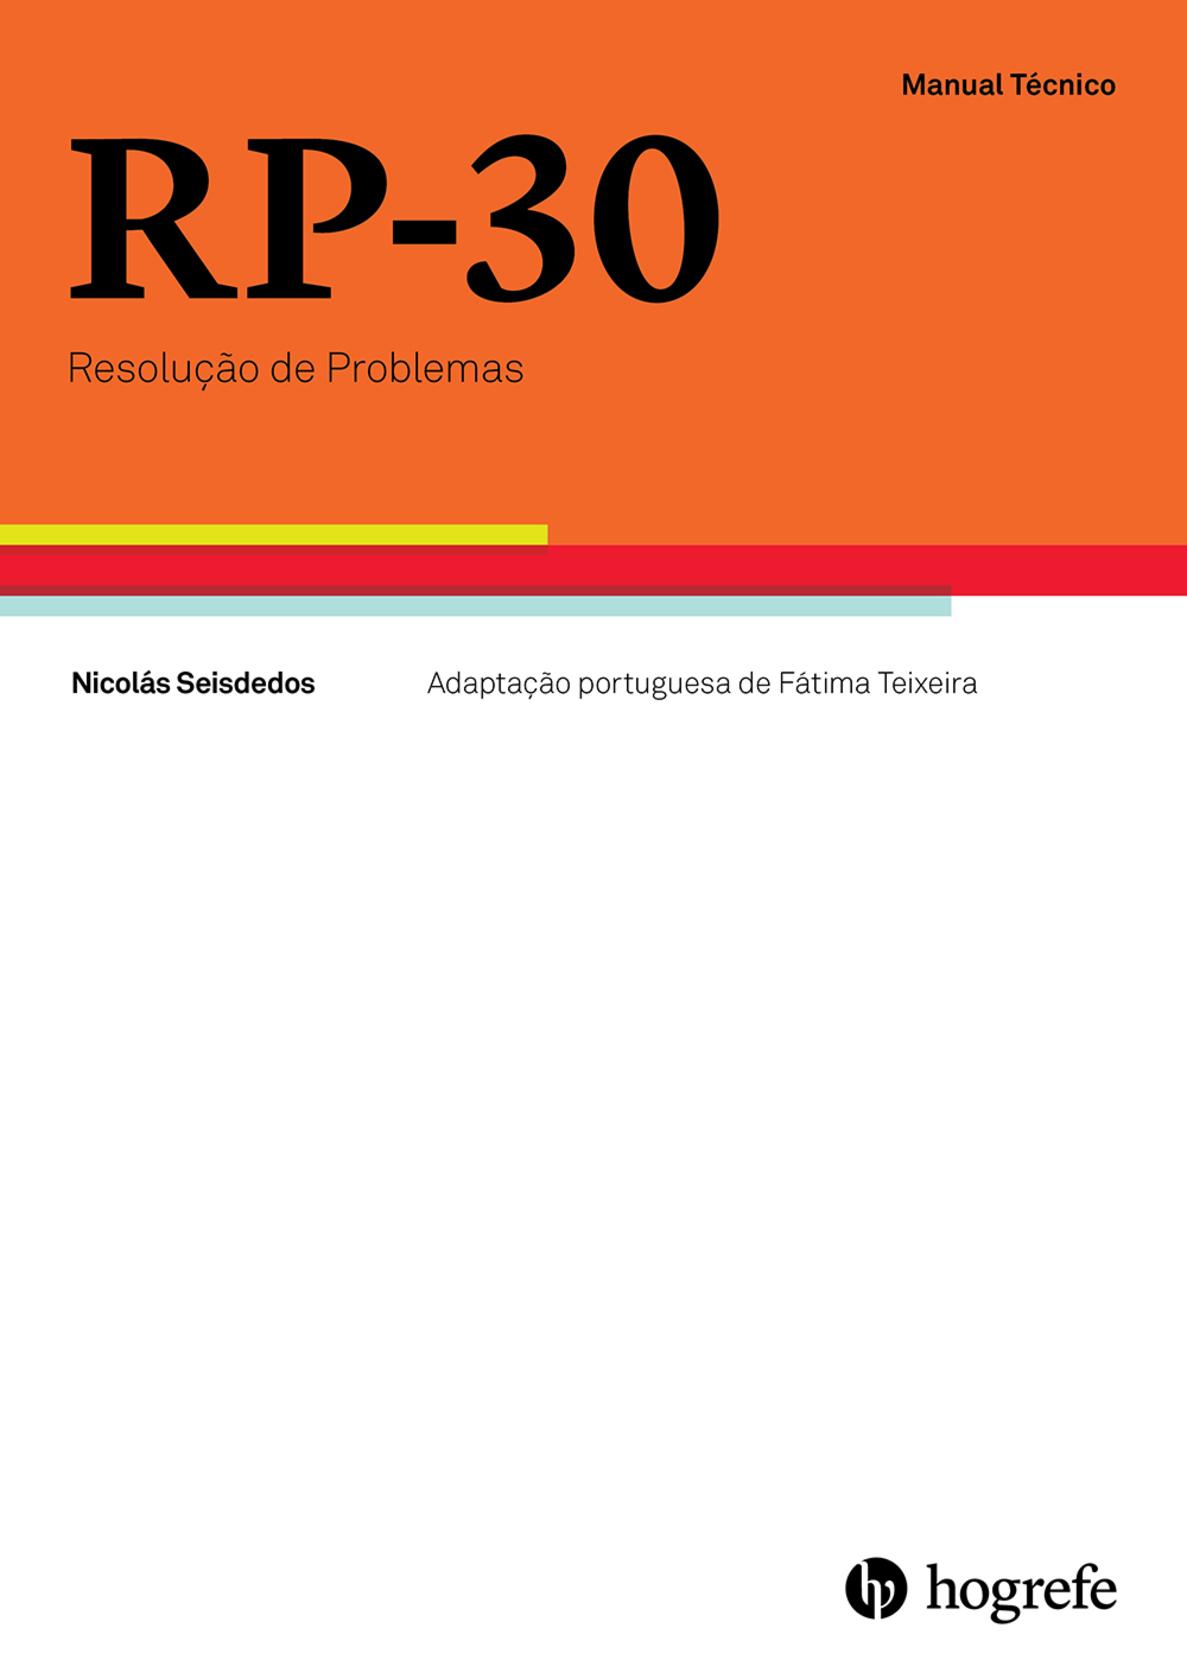 Kit Completo (inclui Manual e 100 Cadernos de Exercícios)